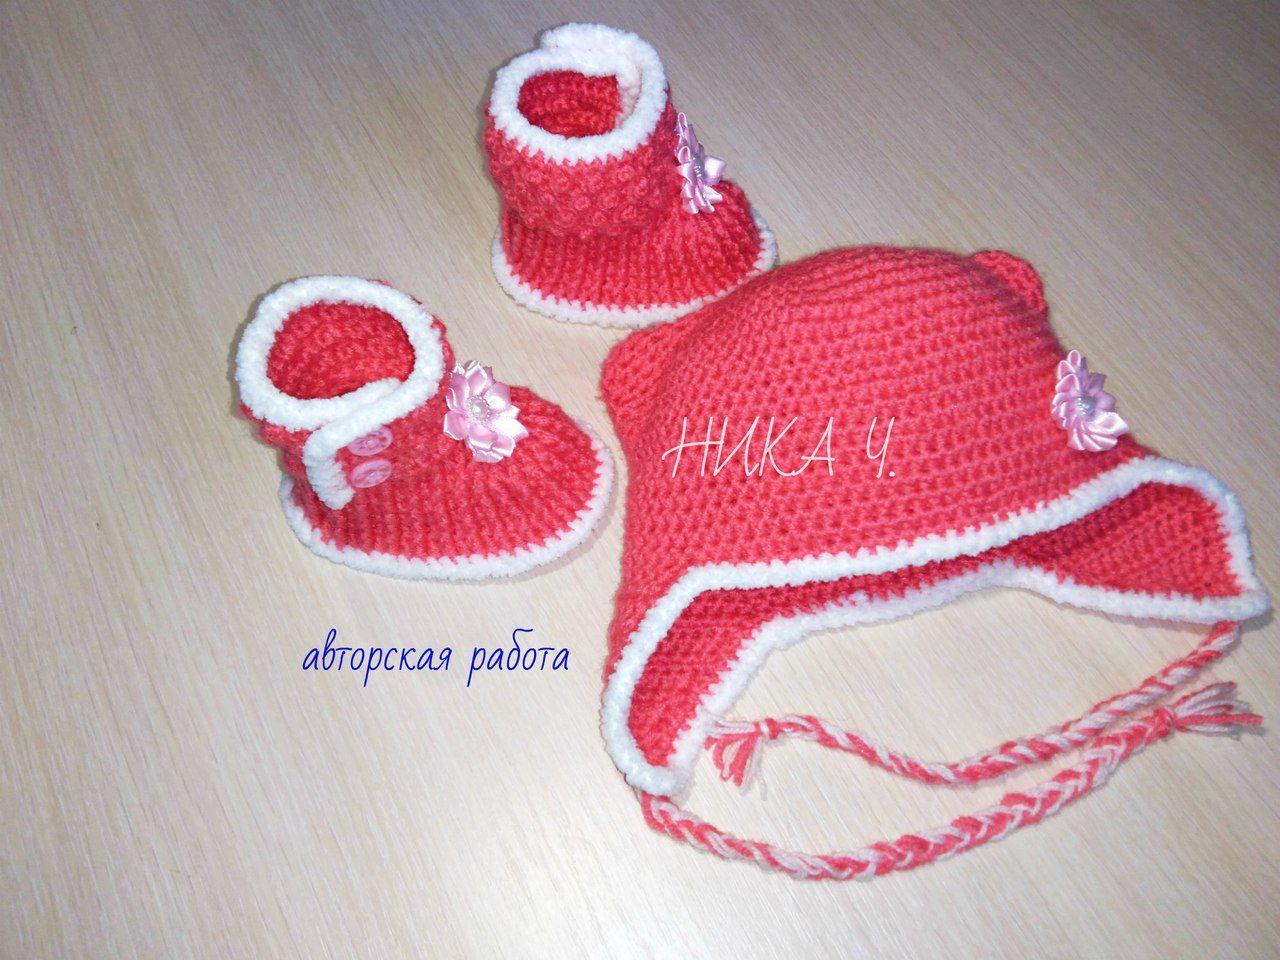 необычное handmade авторская своими вязание ручная заказ шапка крючком ручнаяработа